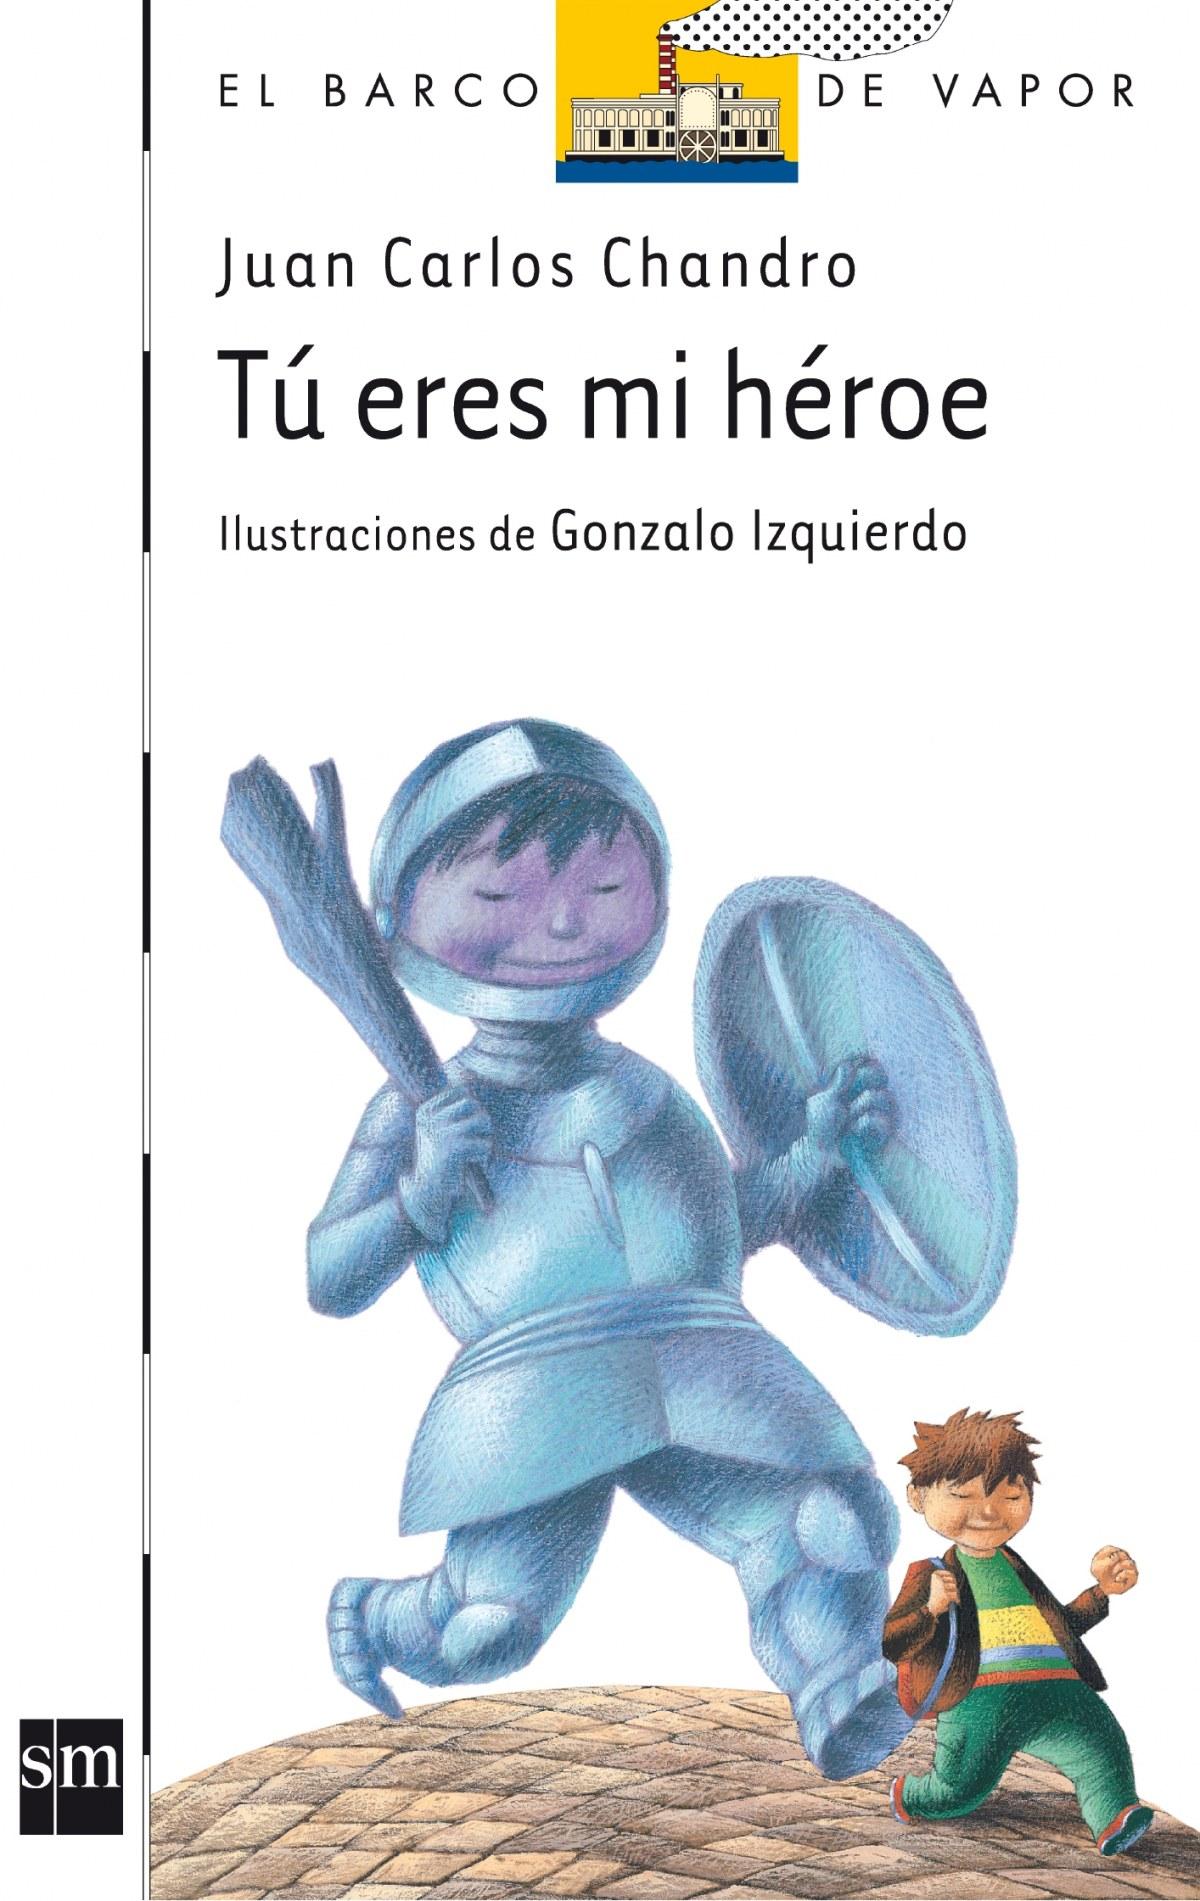 Tú eres mi héroe